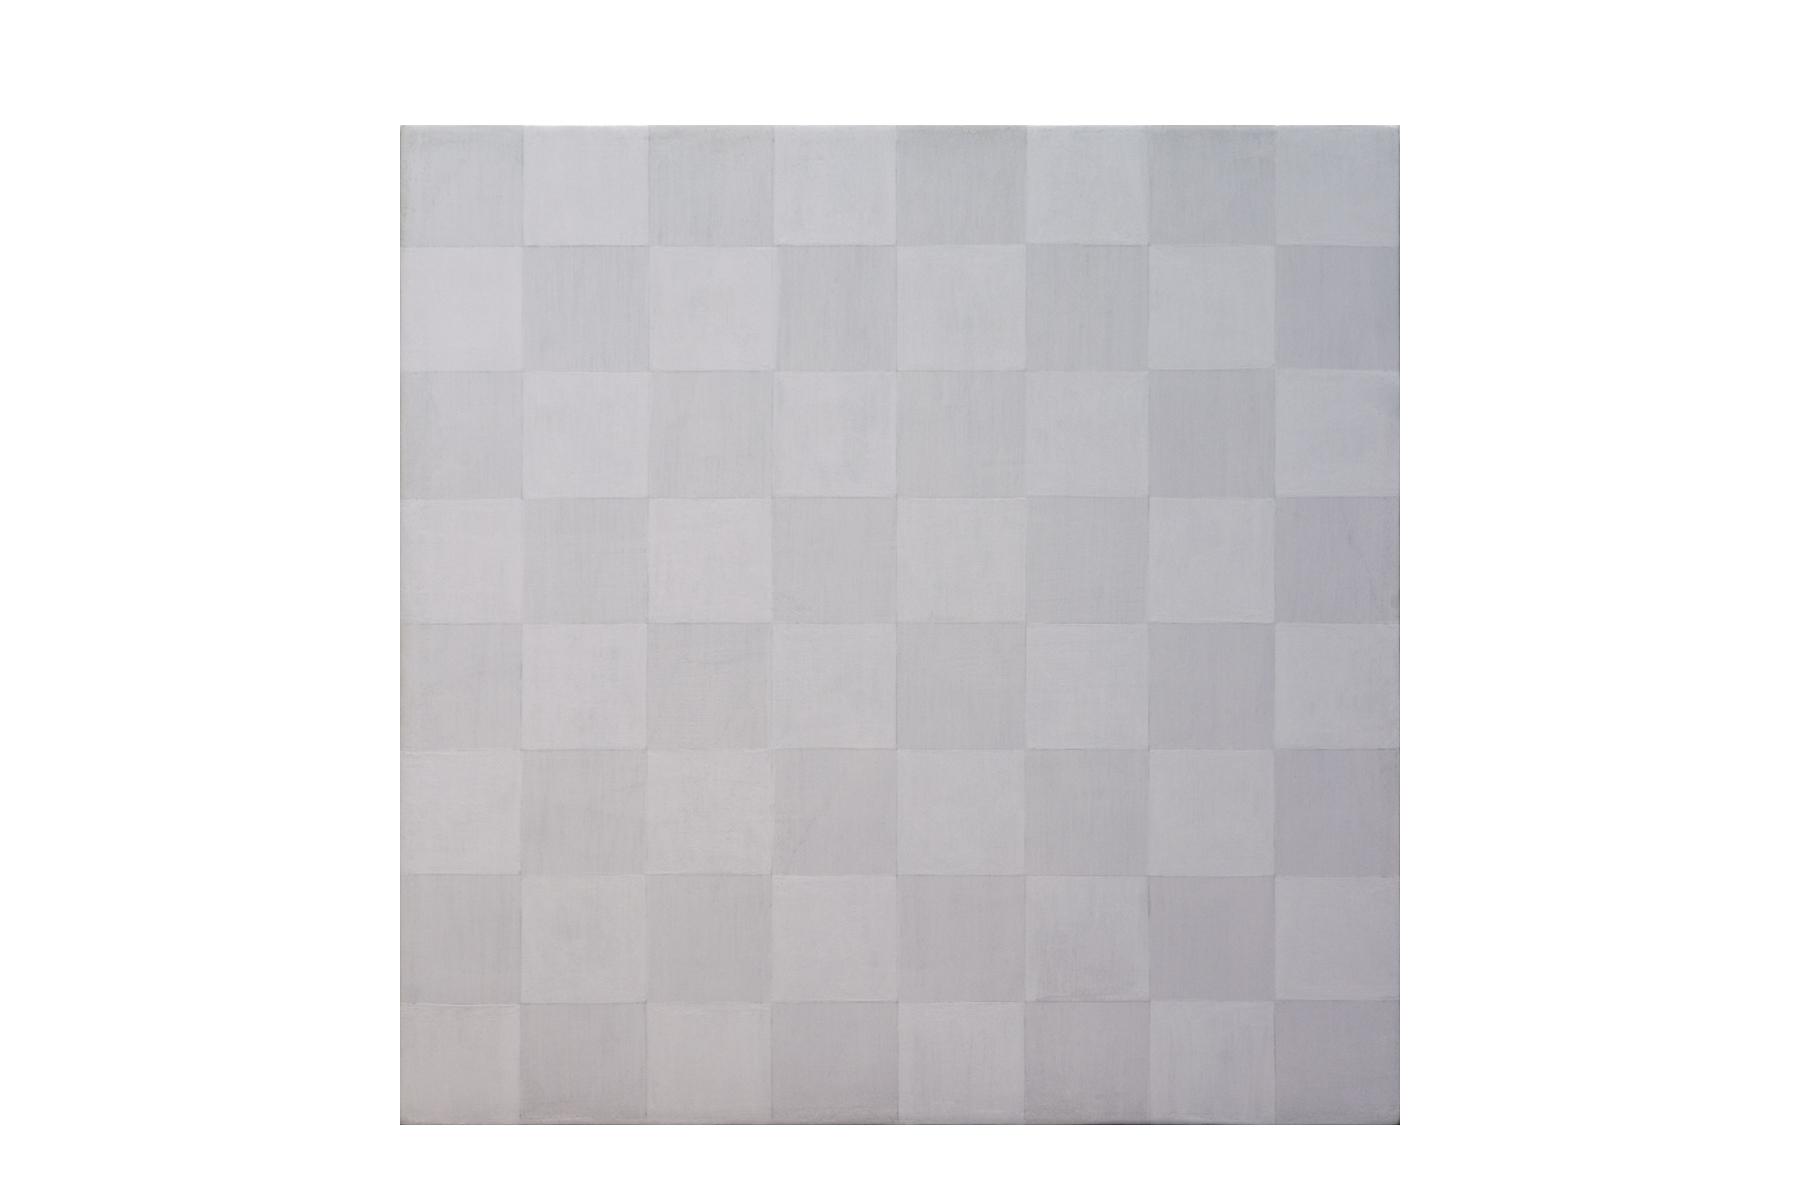 Checkerboard 3.15.1